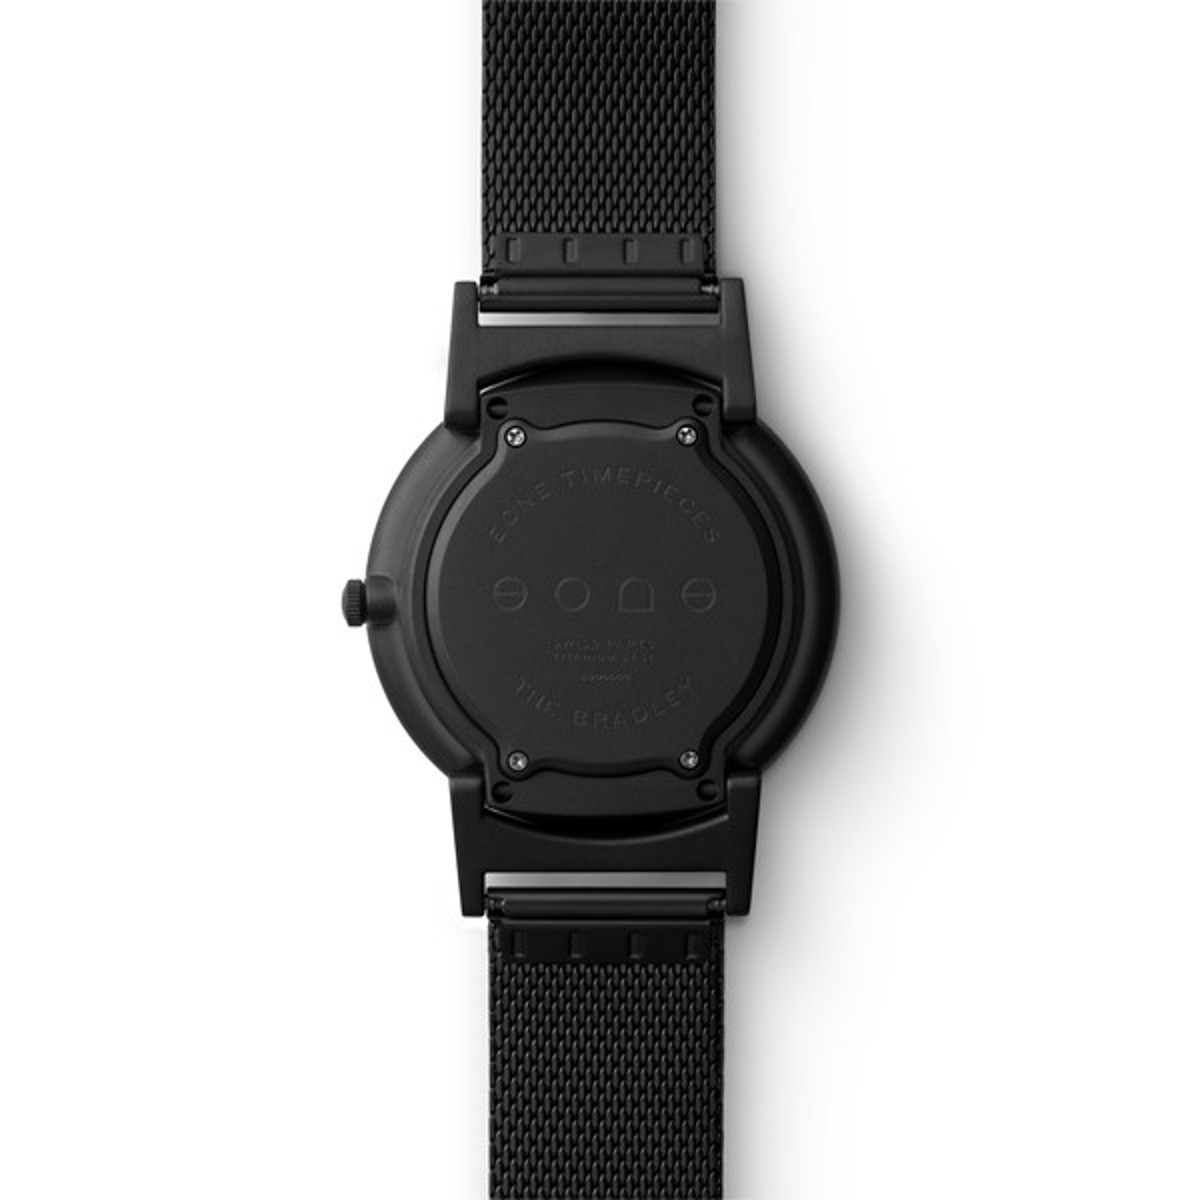 触る時計『EONE』 《MESH BLACK》なめらかな装着感のメッシュバンド、触って時間を知る時計  EONE